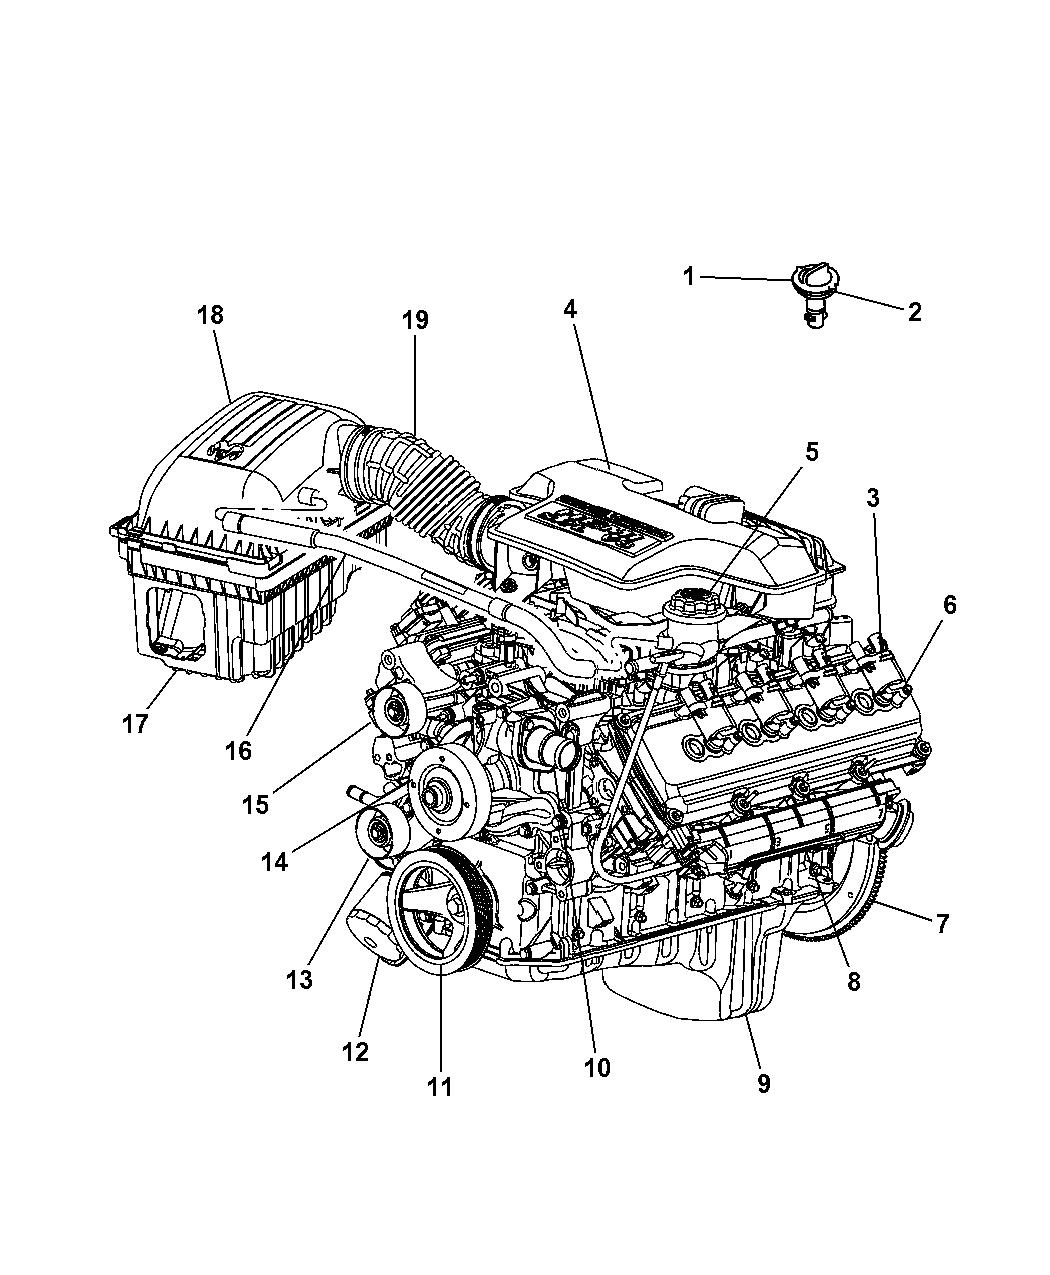 Dodge Ram 1500 Engine Diagram - 1997 Acura Fuse Box for Wiring Diagram  SchematicsWiring Diagram Schematics